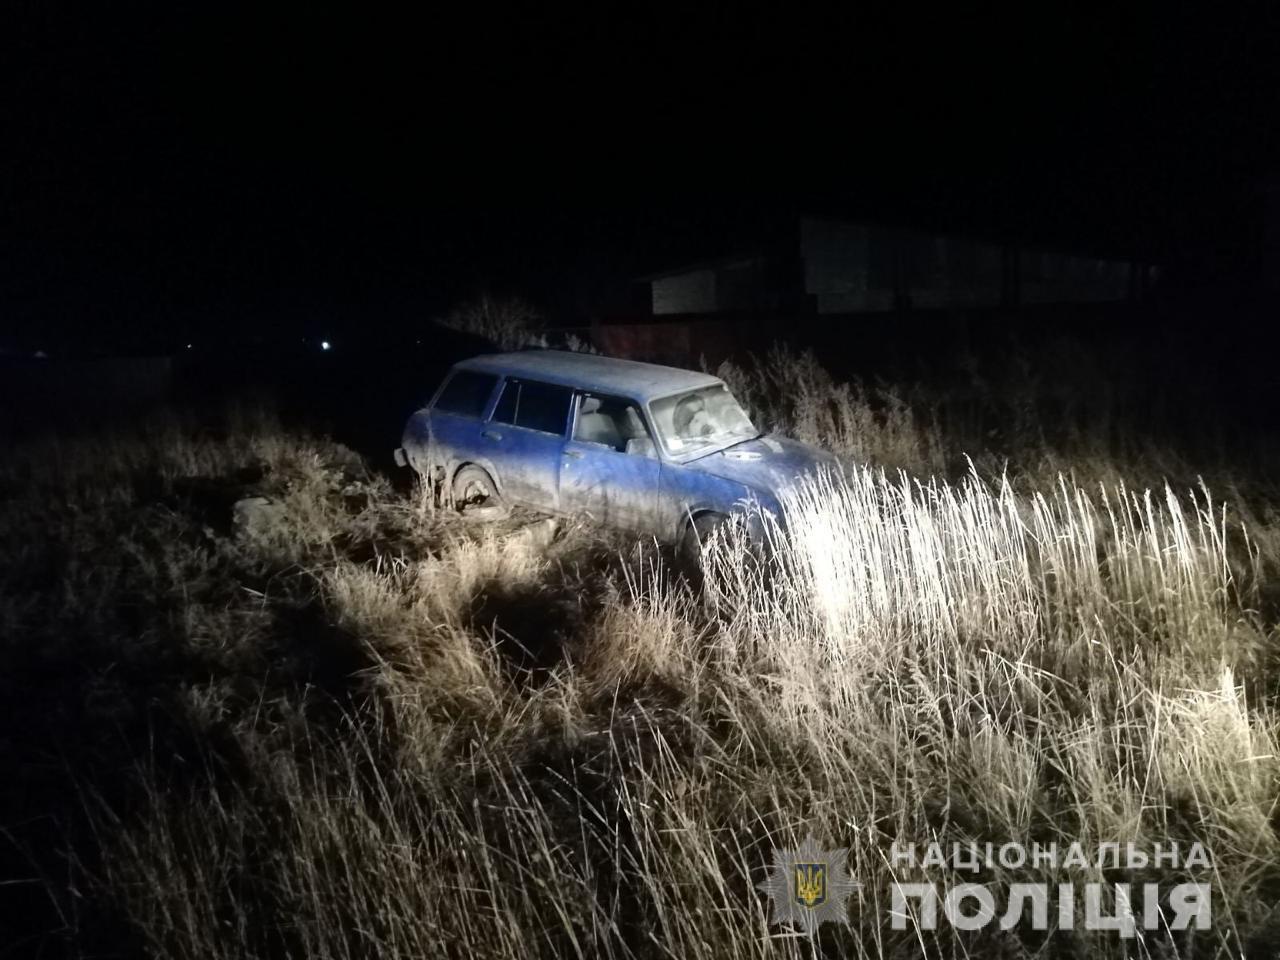 На Харьковщине полицейские задержали угонщика автомобиля, - ФОТО, фото-3